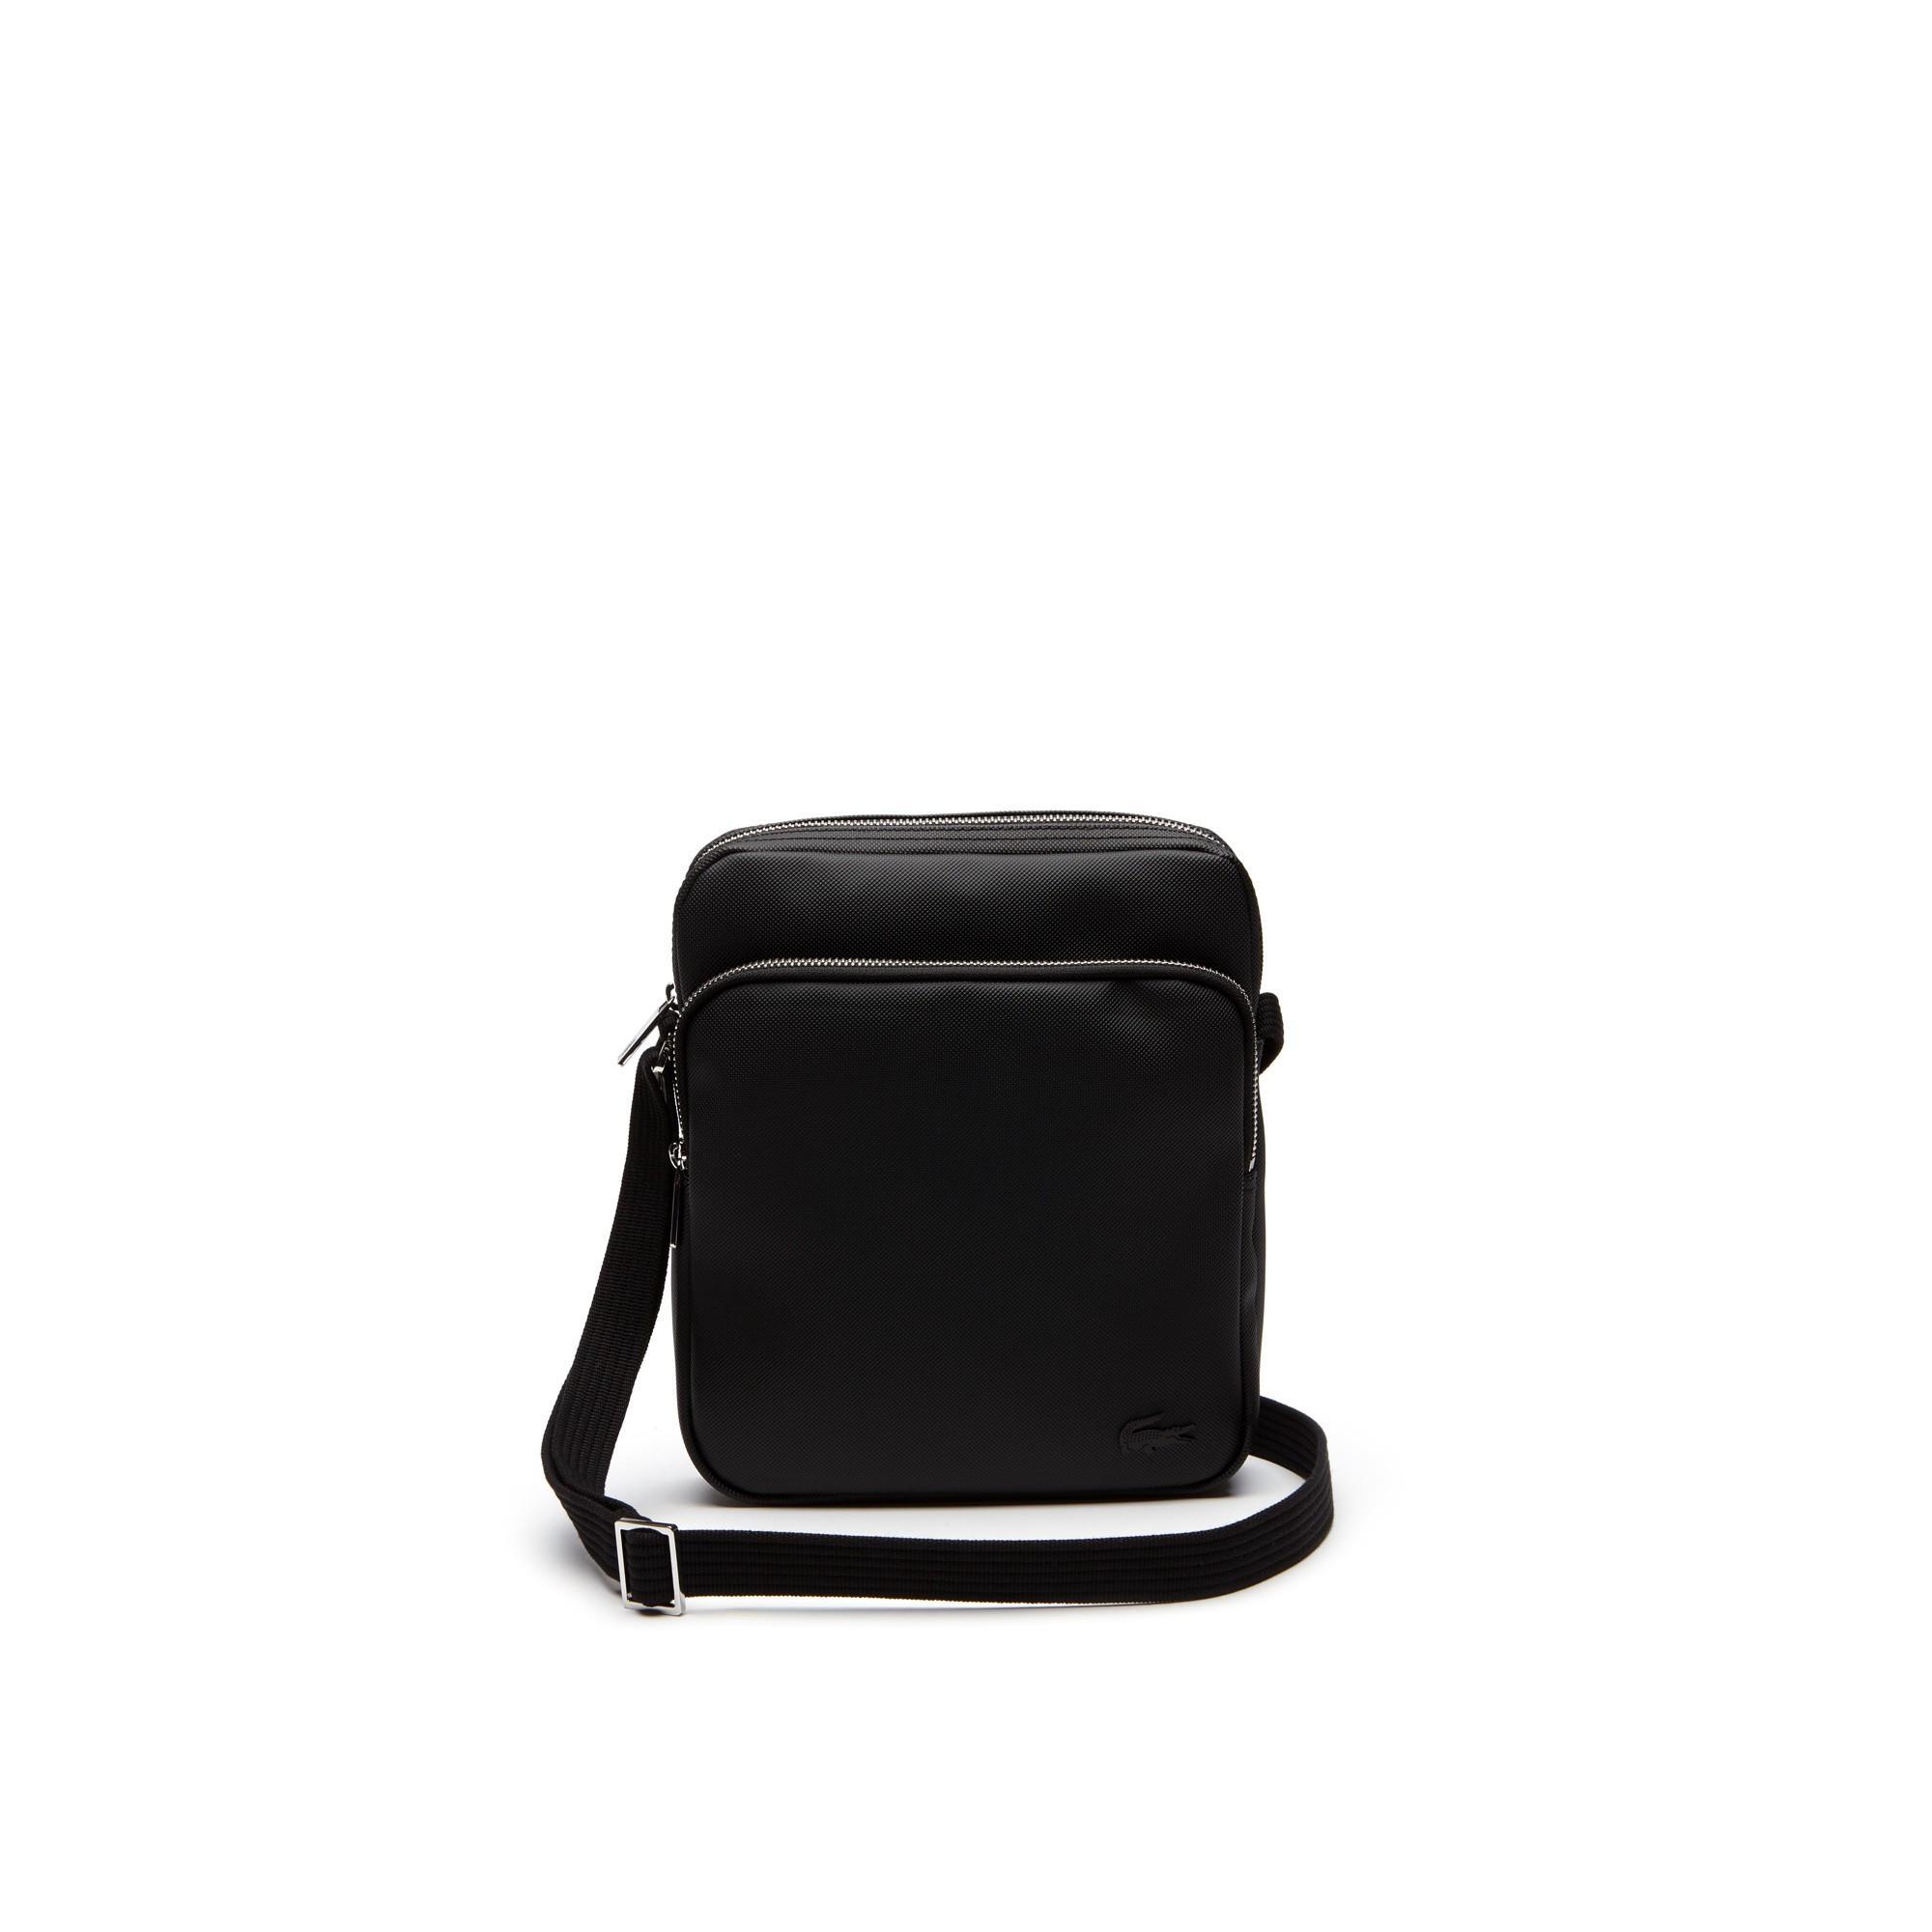 139d5d8955689 Lacoste Men s Classic Petit PiquÉ Double Bag In Peacoat